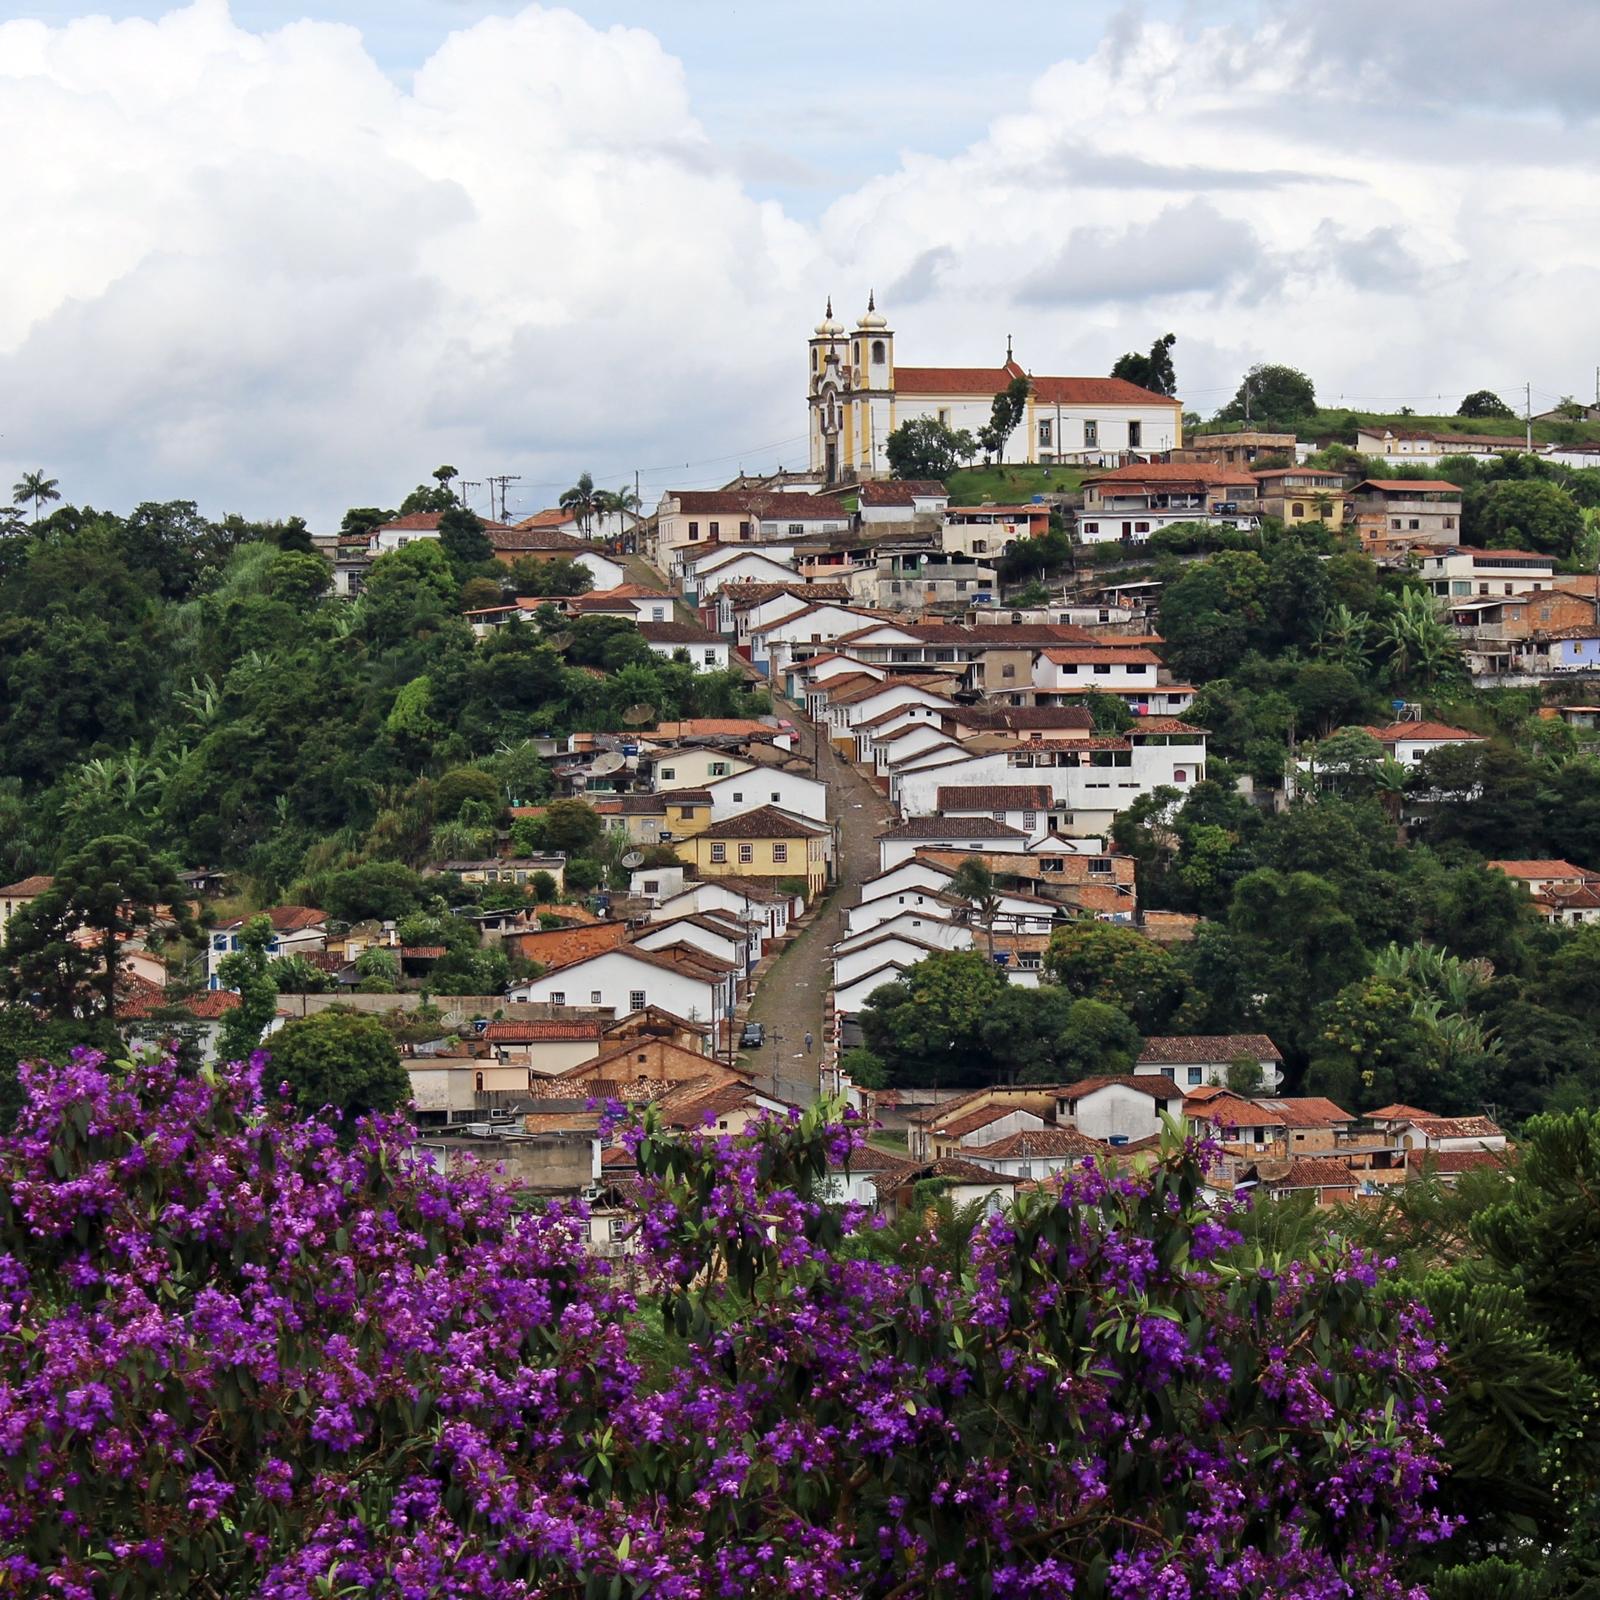 Igreja de Santa Efigênia, em Ouro Preto, Minas Gerais.